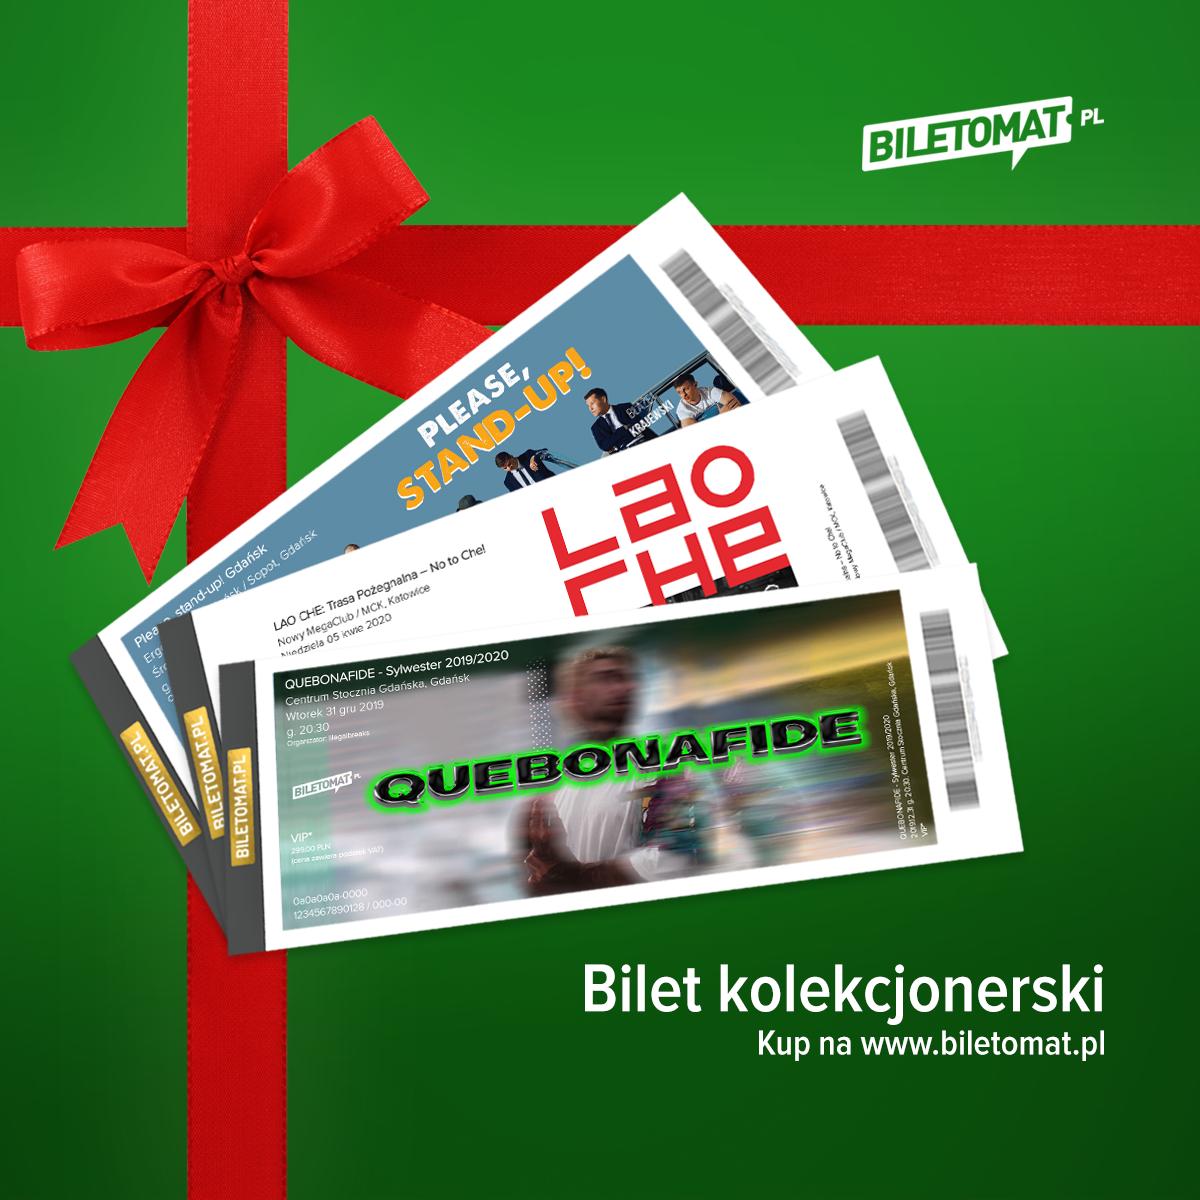 bilety kolekcjonerskie na święta - Biletomat.pl